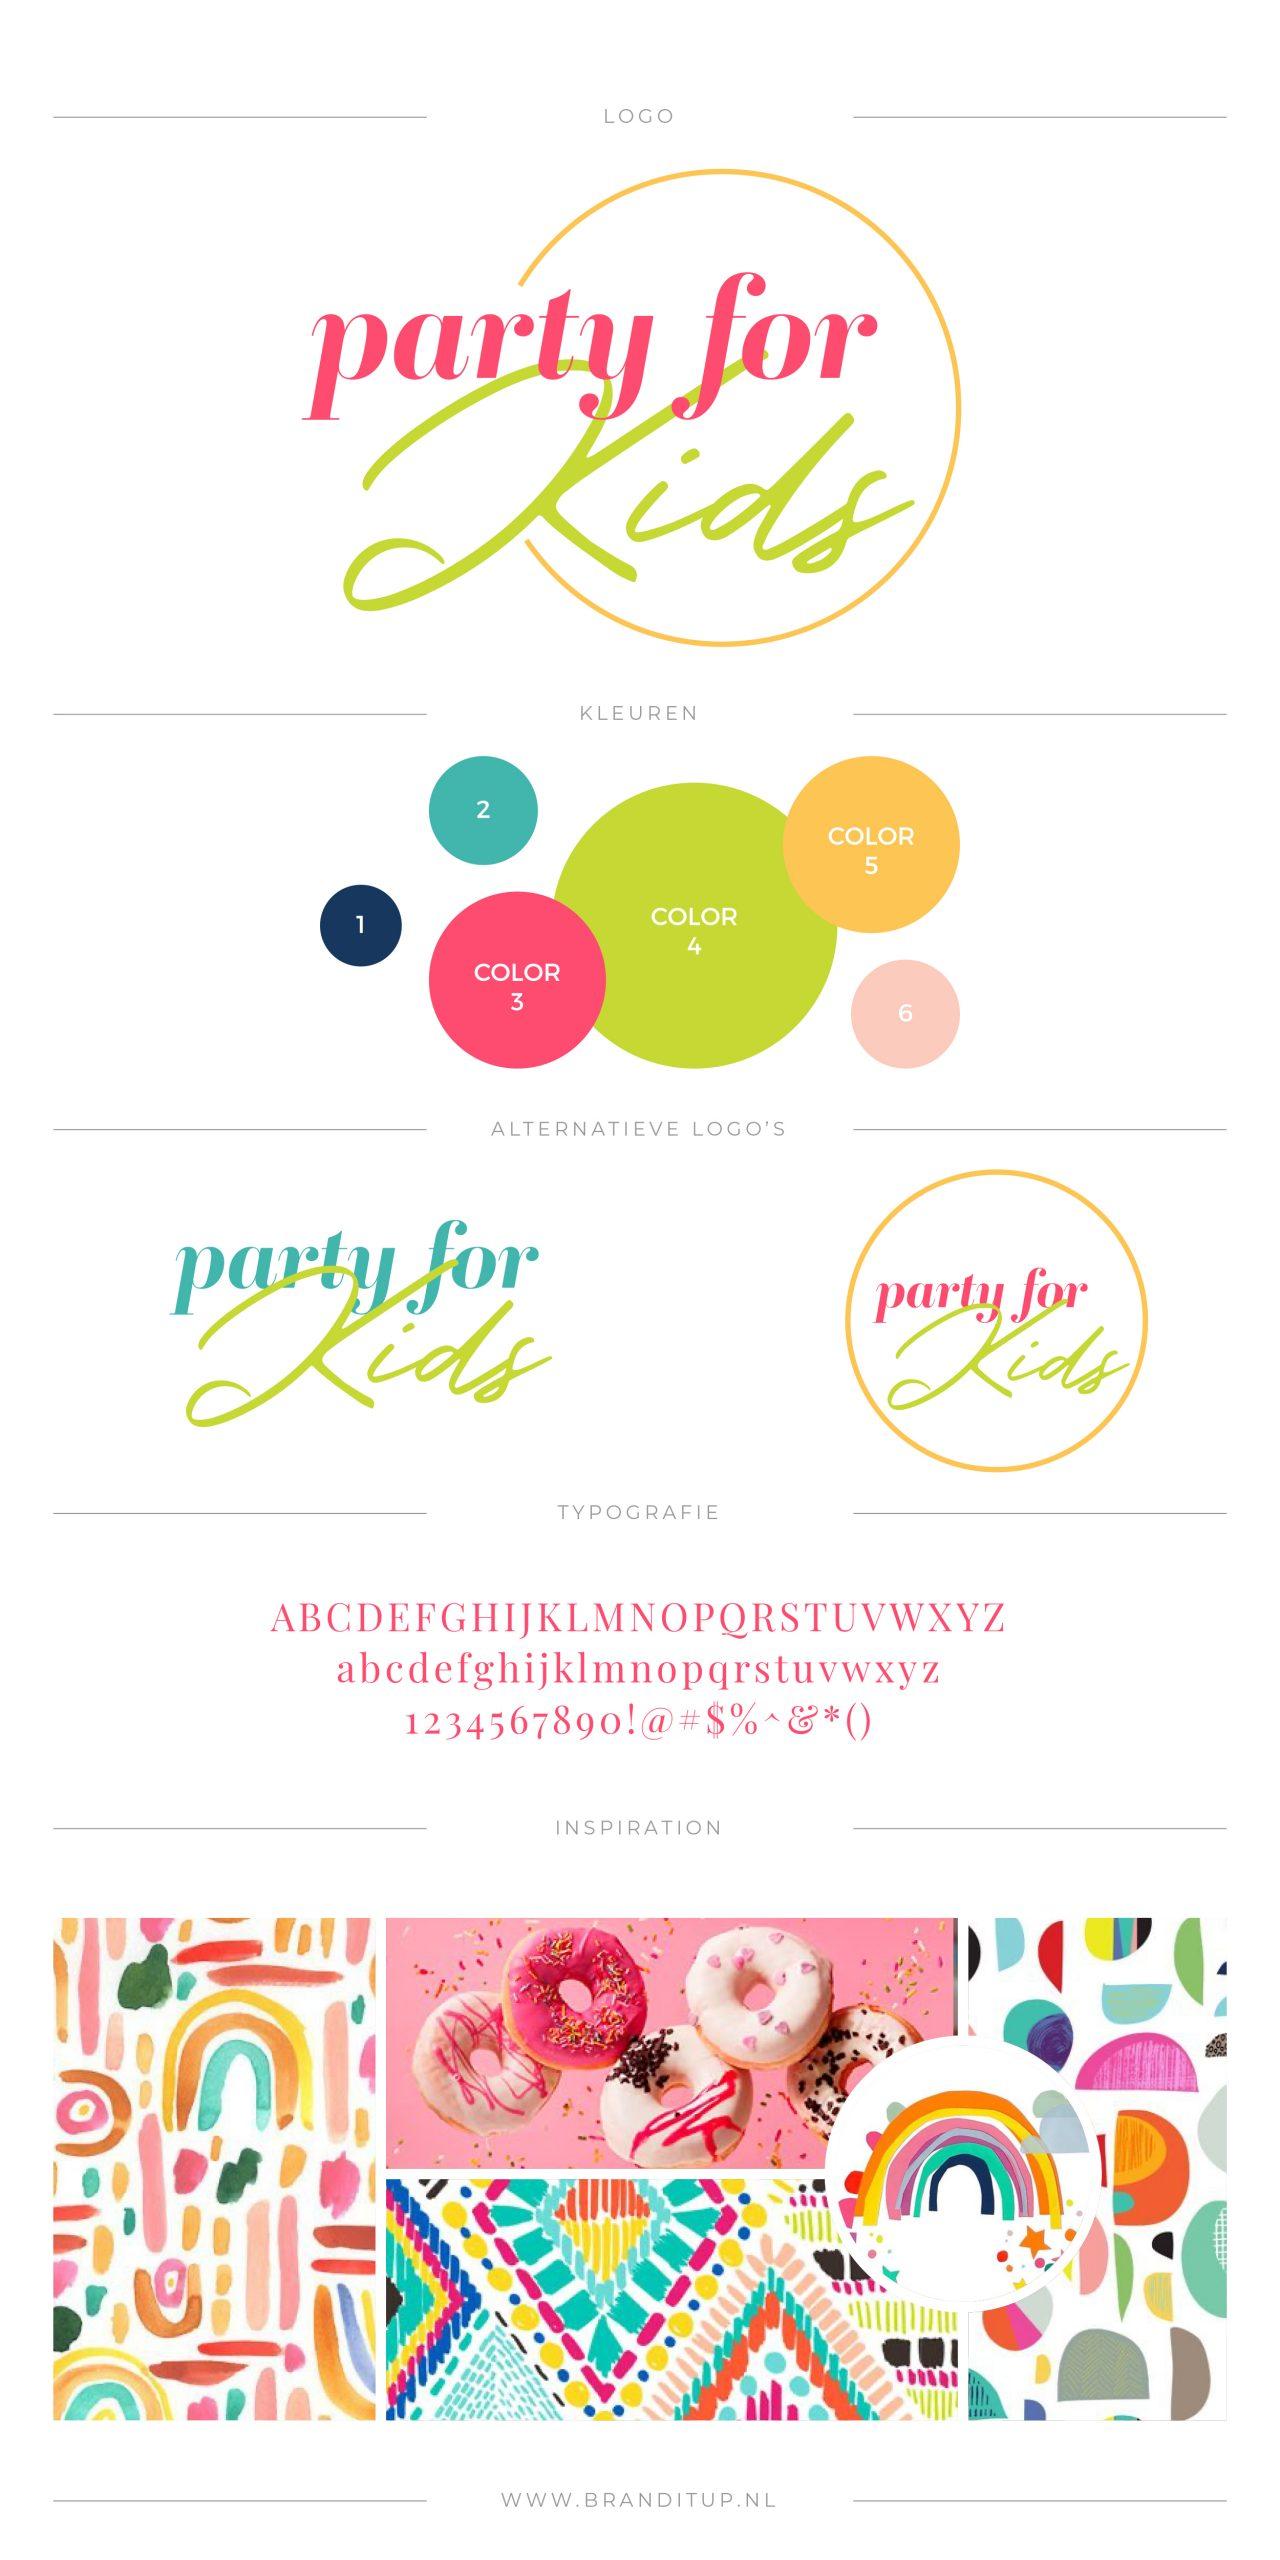 Pakket Jules aangepast met jouw kleurenpalet en moodboard